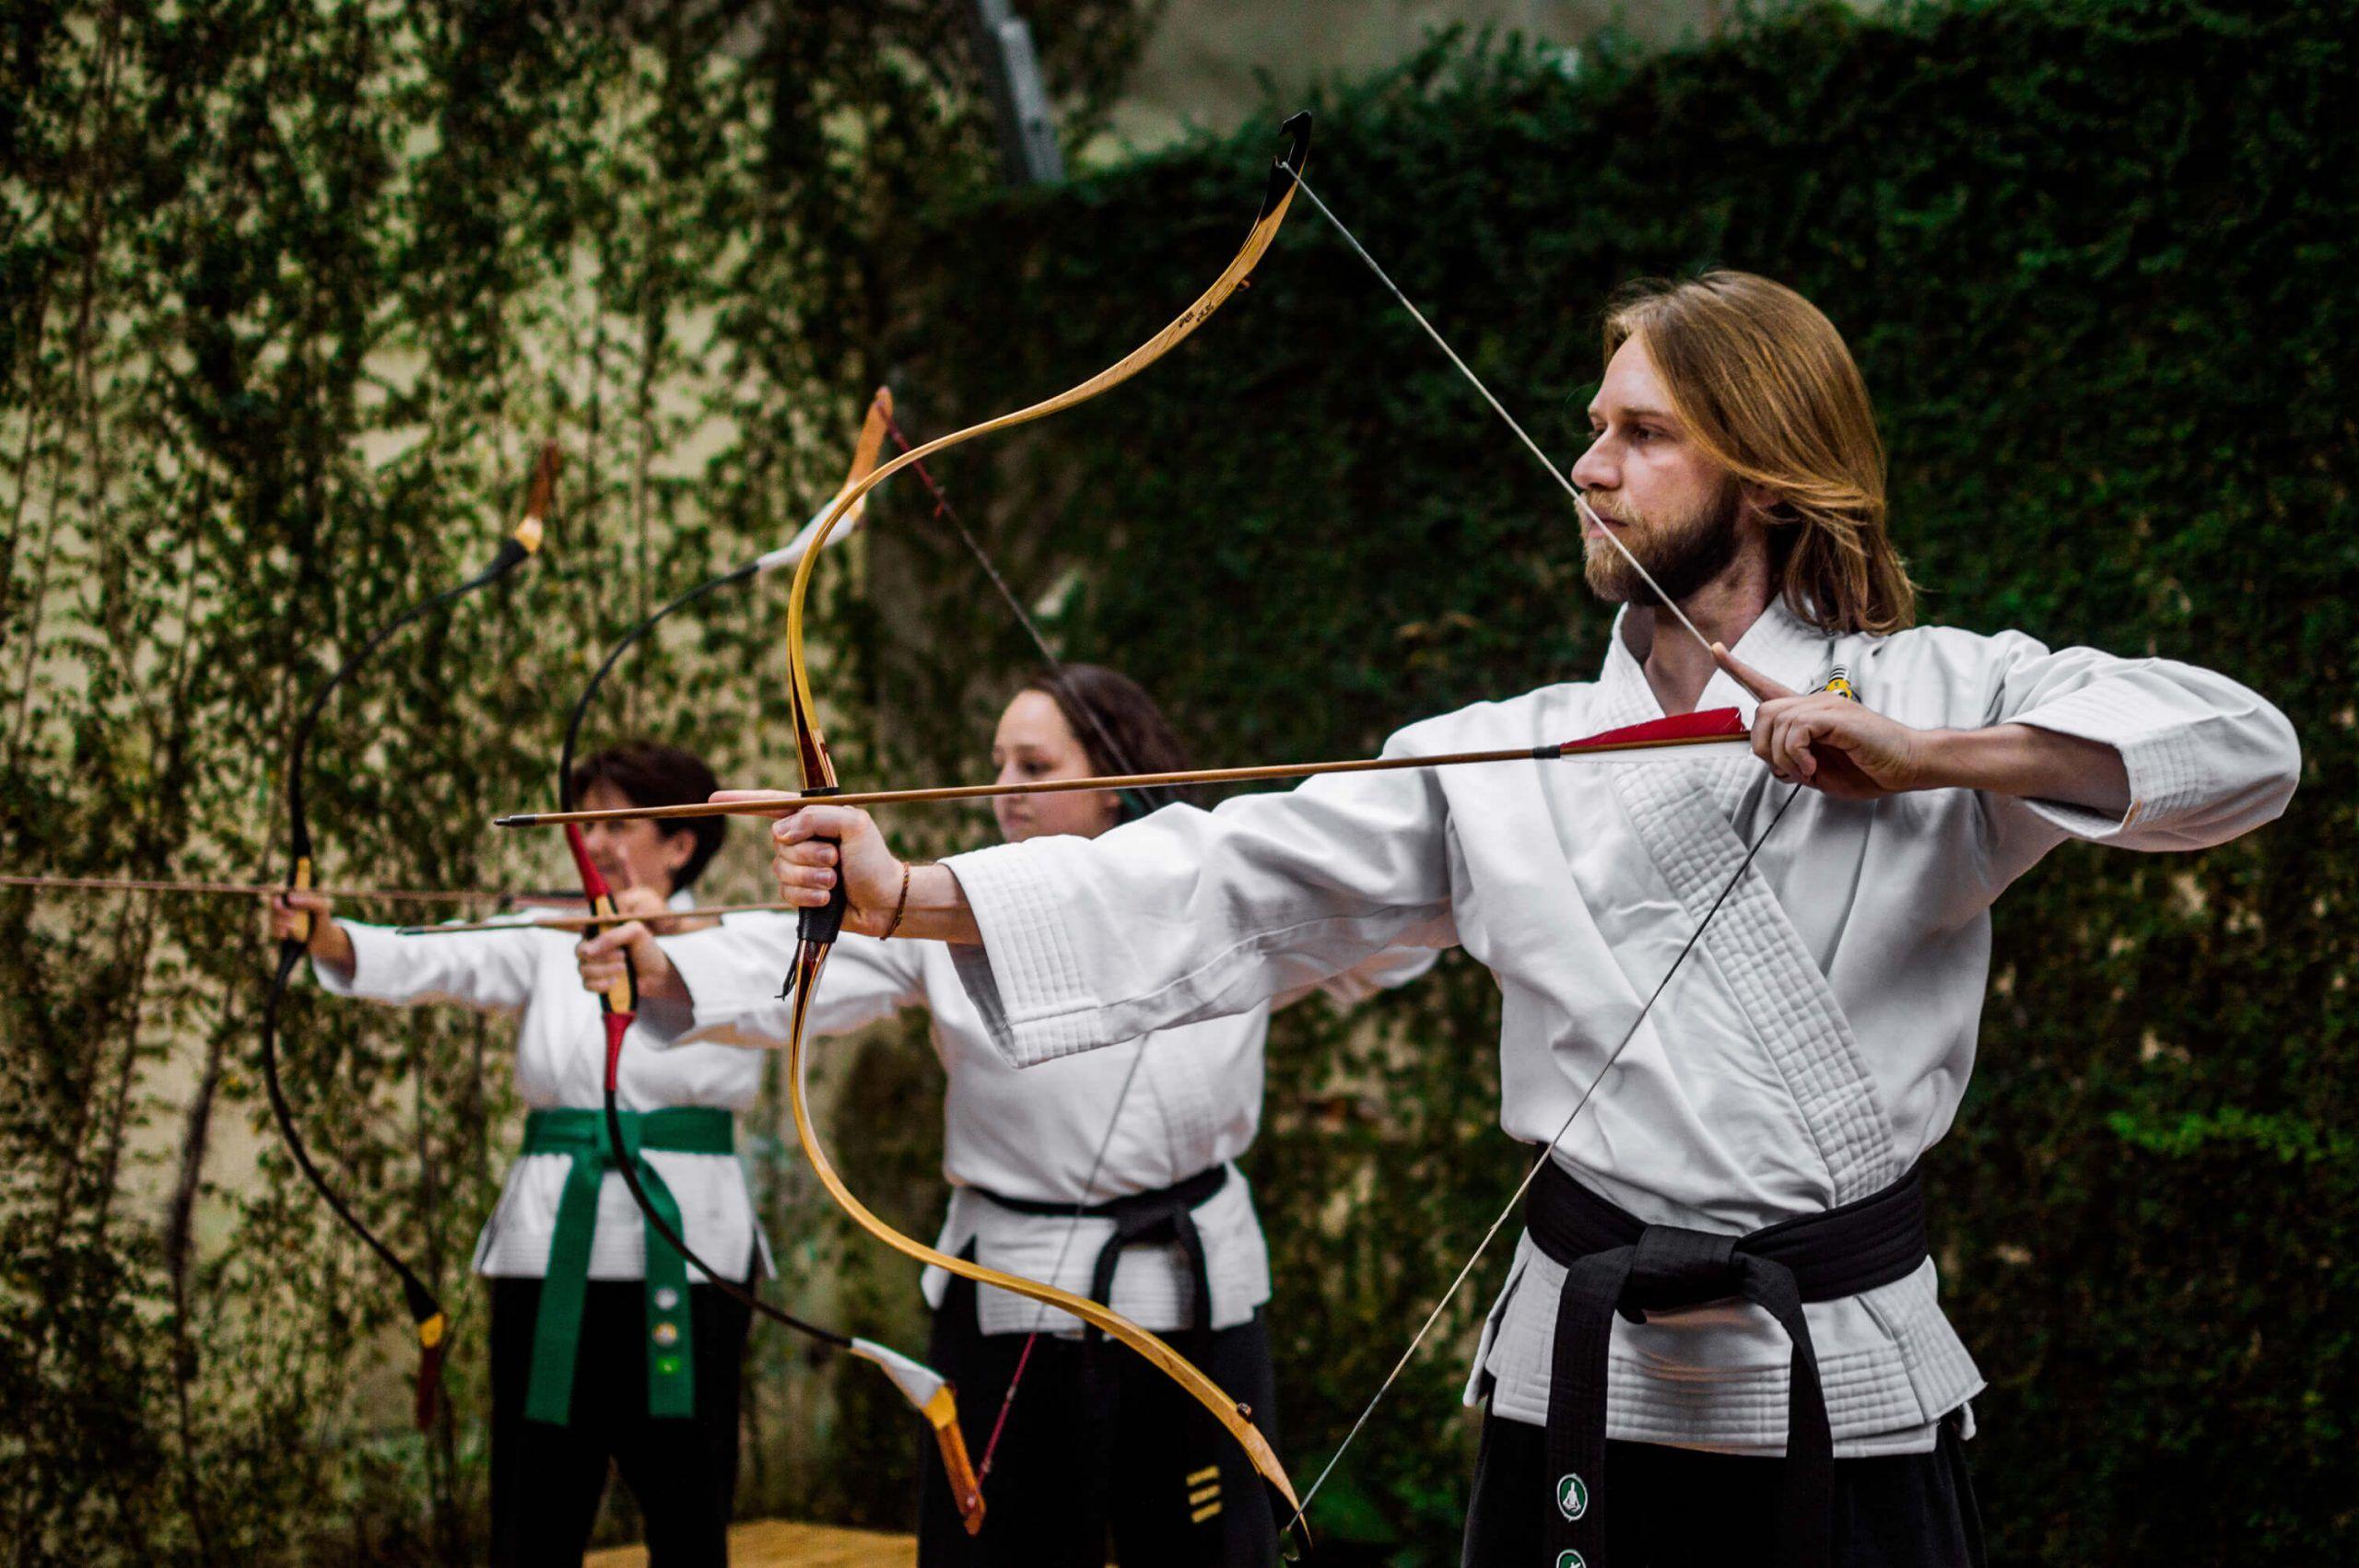 benefits-to-archery